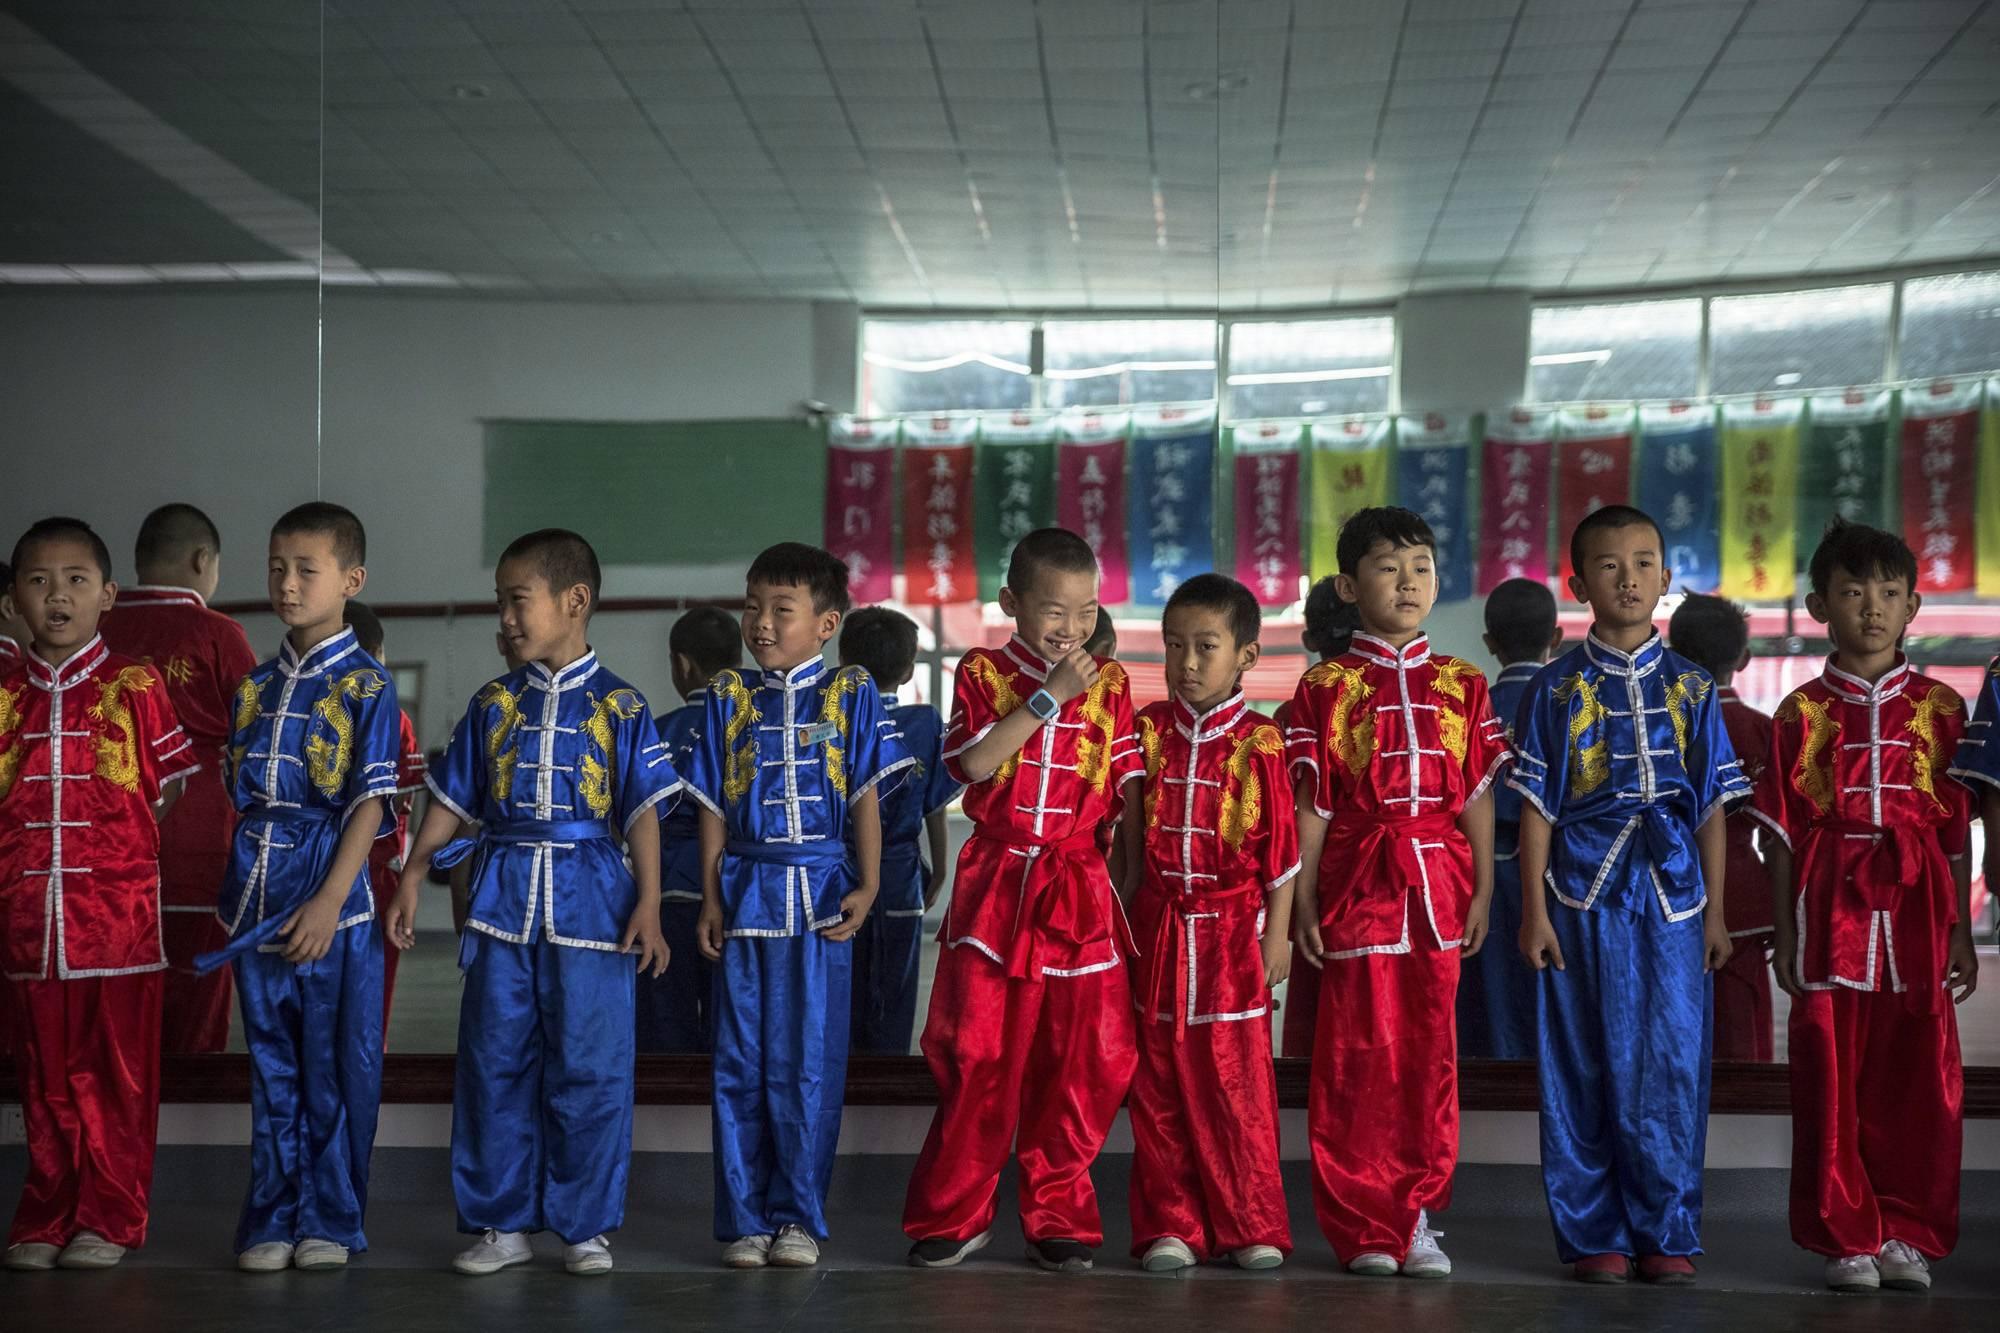 Kuan megye, 2017. szeptember 8.Tajcsióra kezdetére várnak egy kungfuiskola fiatal növendékei egy kínai harcművészeti központban, a Hopej tartománybeli Kuan megyében, Pekingtől északra 2017. június 10-én. A tajcsi a belső stílusú kungfu leglágyabb formája. (MTI/EPA/Roman Pilipej)